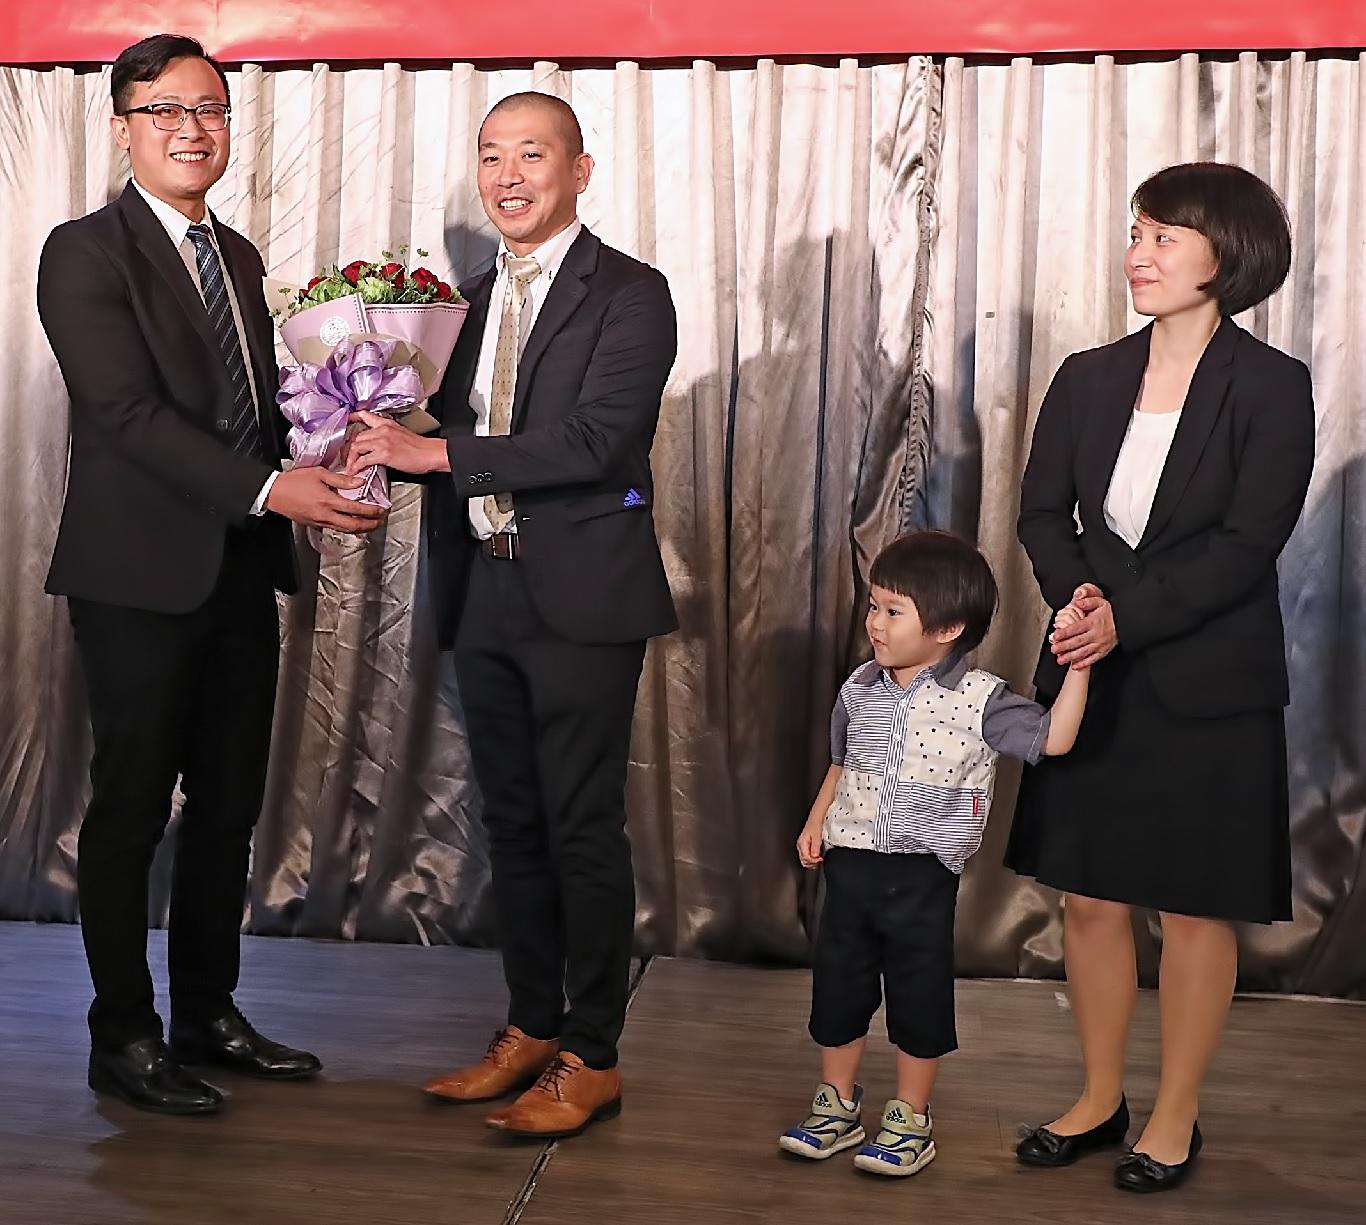 青年部代表獻花,表達對關戶前責任者的 感謝與祝福。